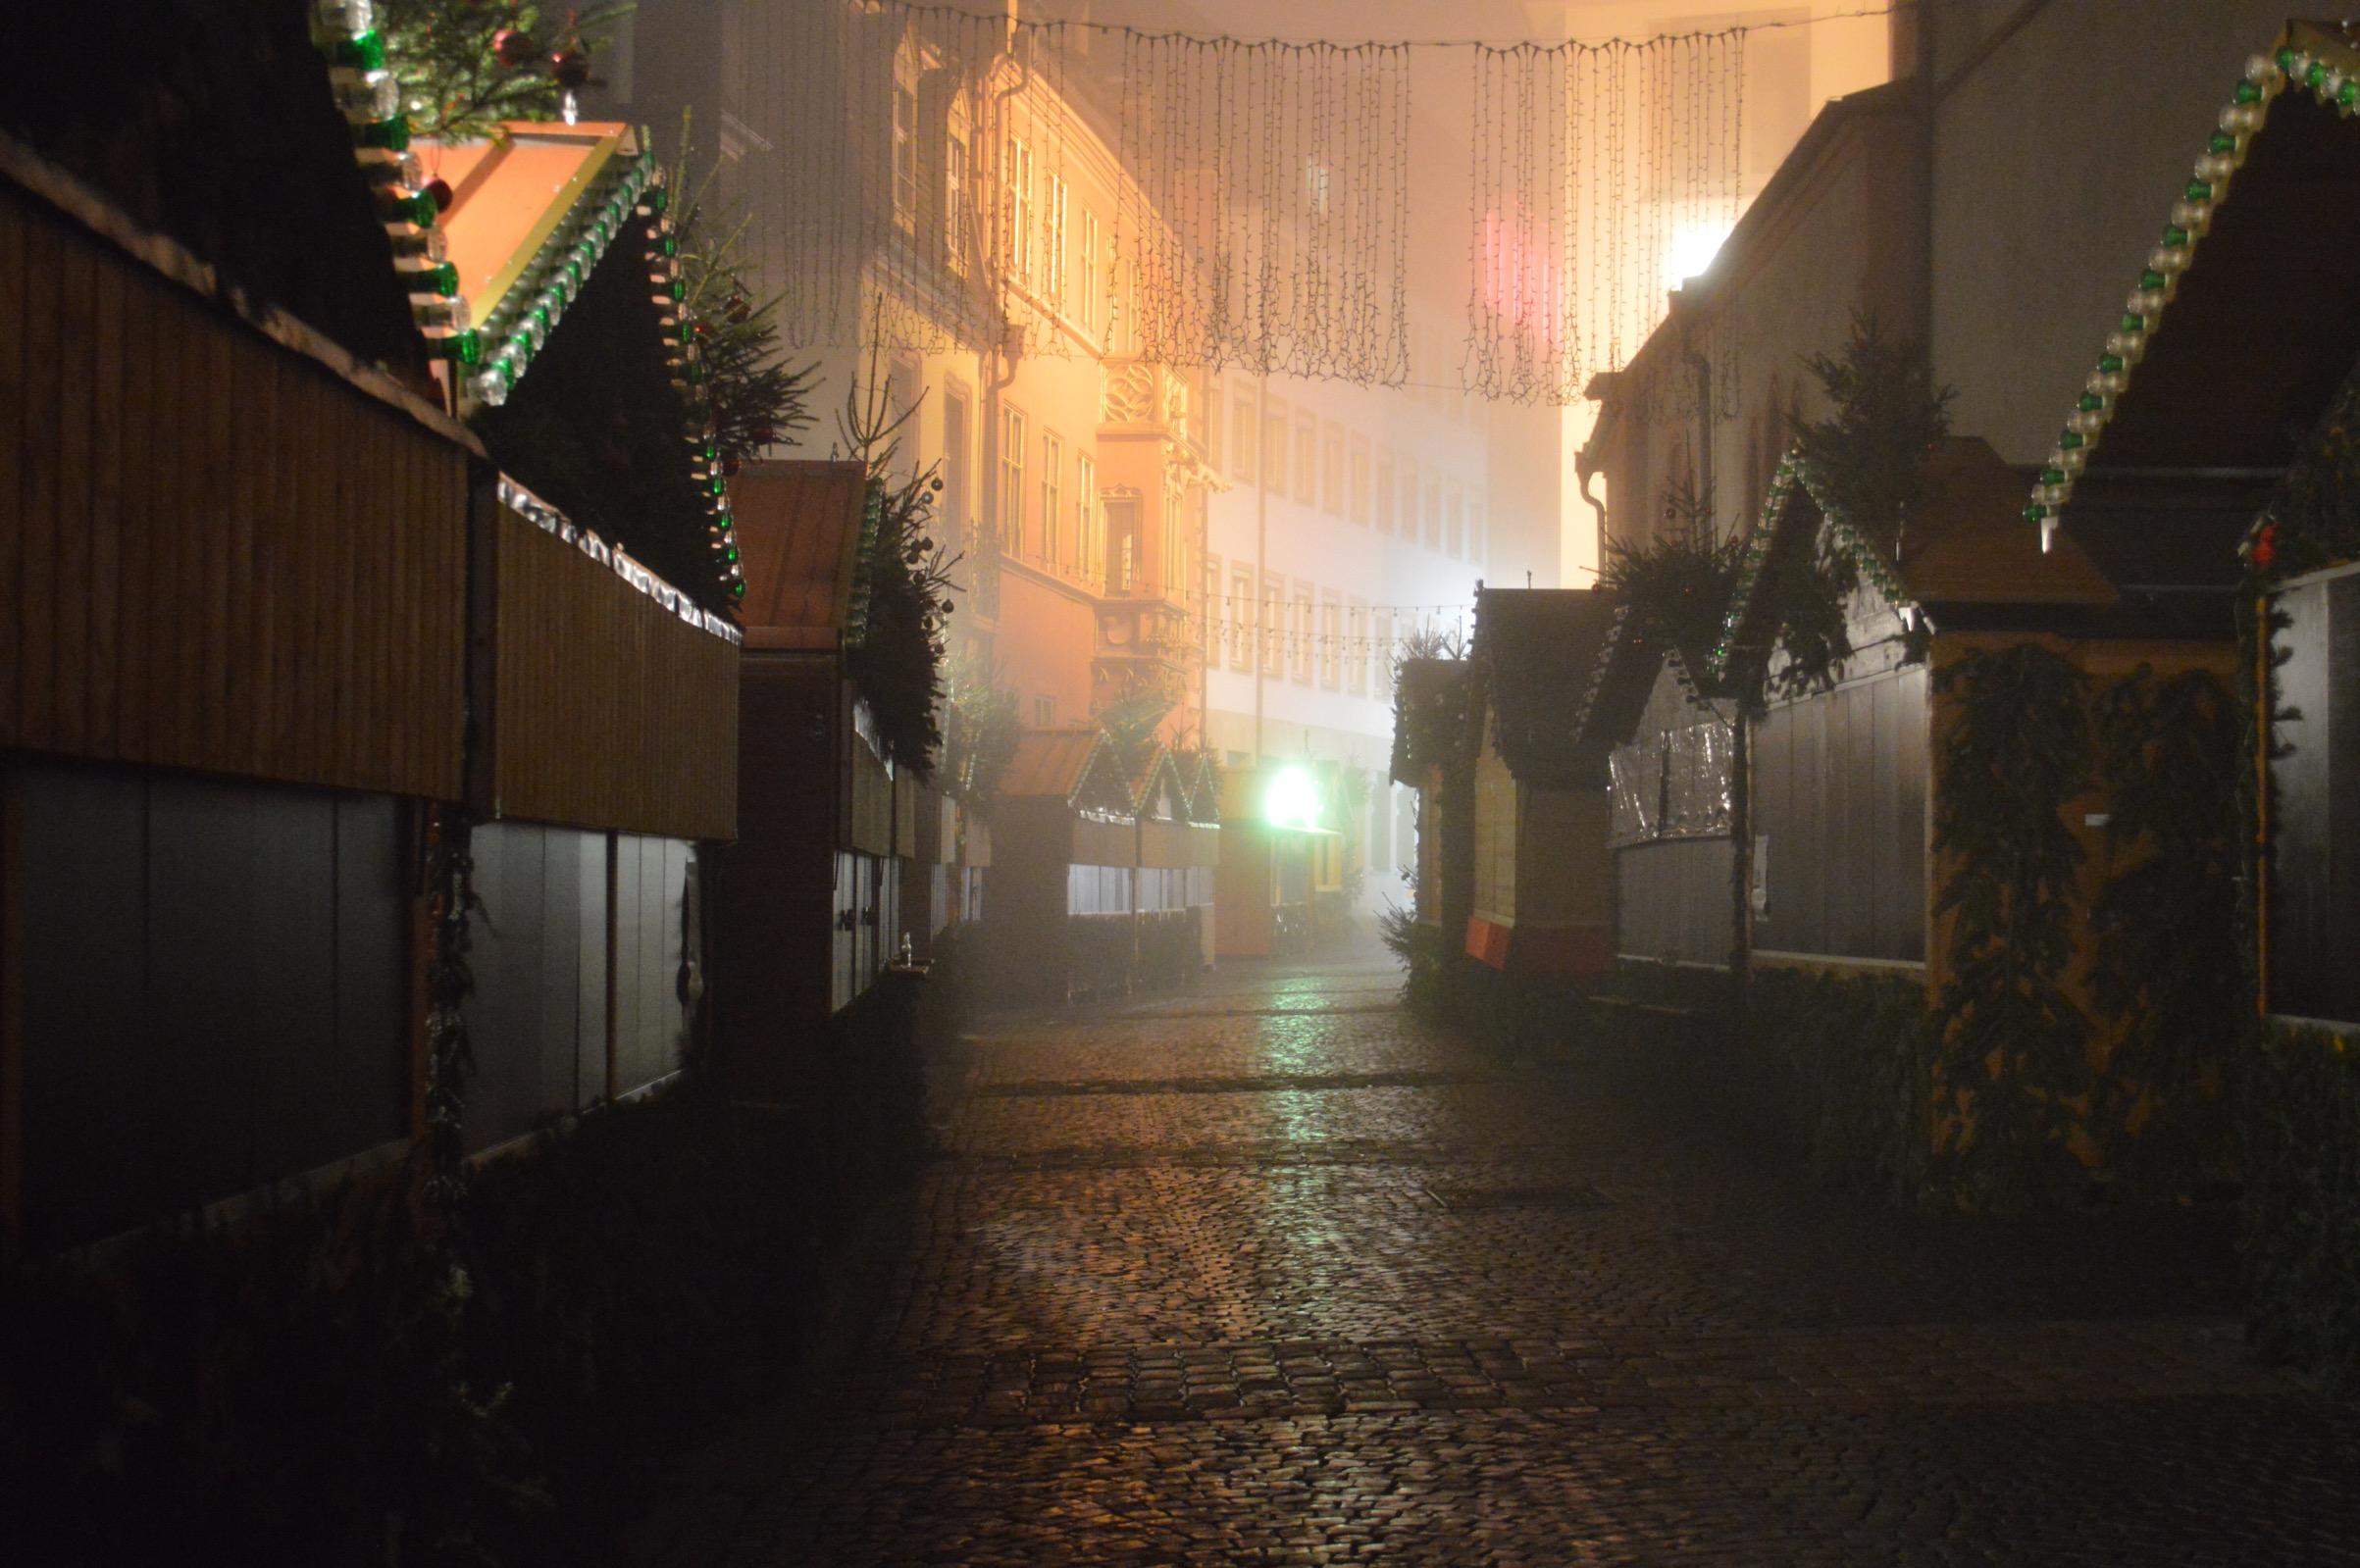 Christmas Market, Freiburg, Germany